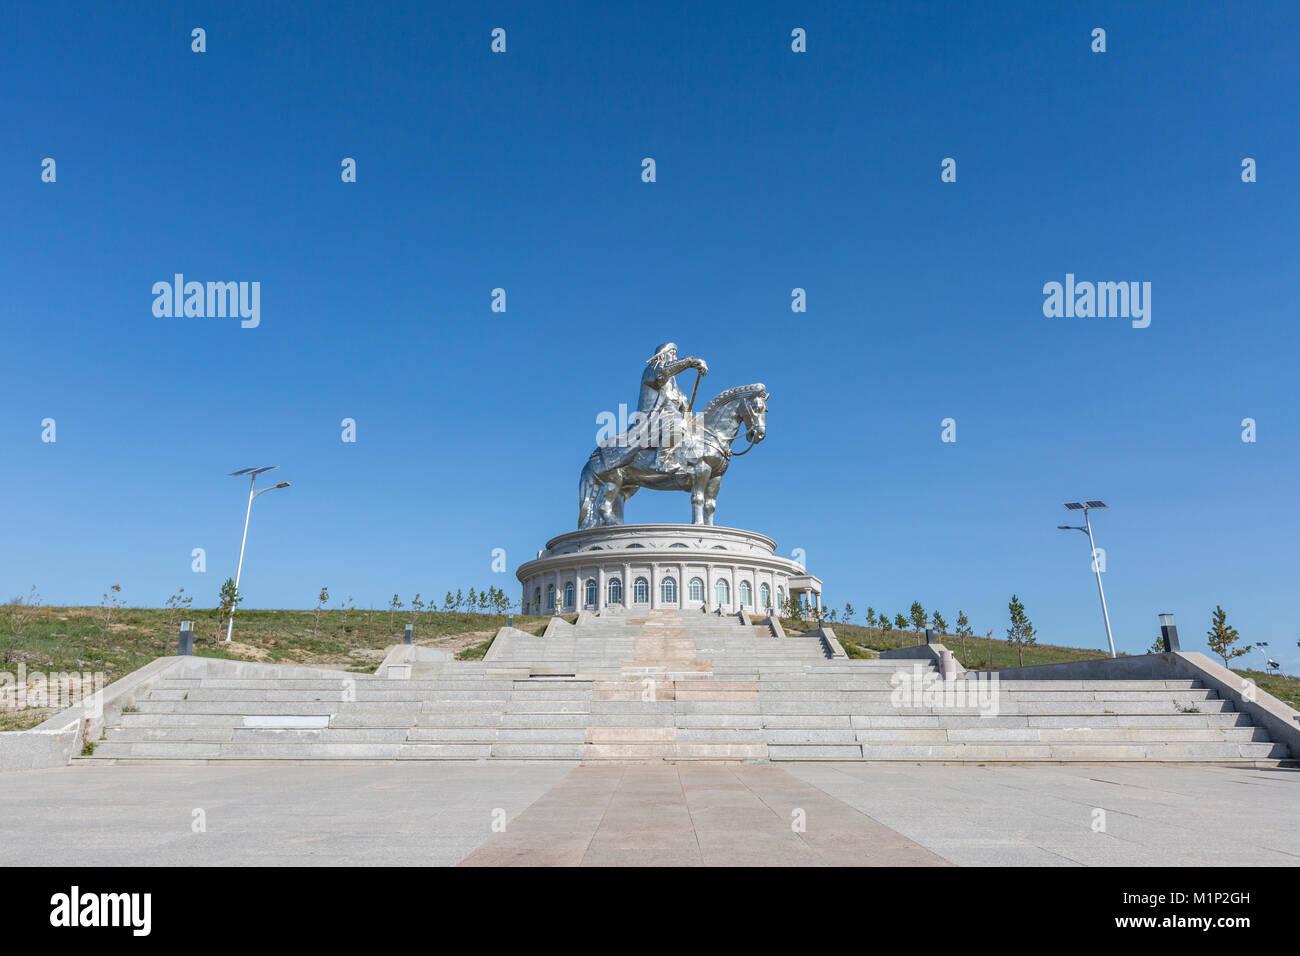 Escaleras a Genghis Khan estatua compleja, Erdene, Tov provincia, Mongolia, Asia Central, África Imagen De Stock